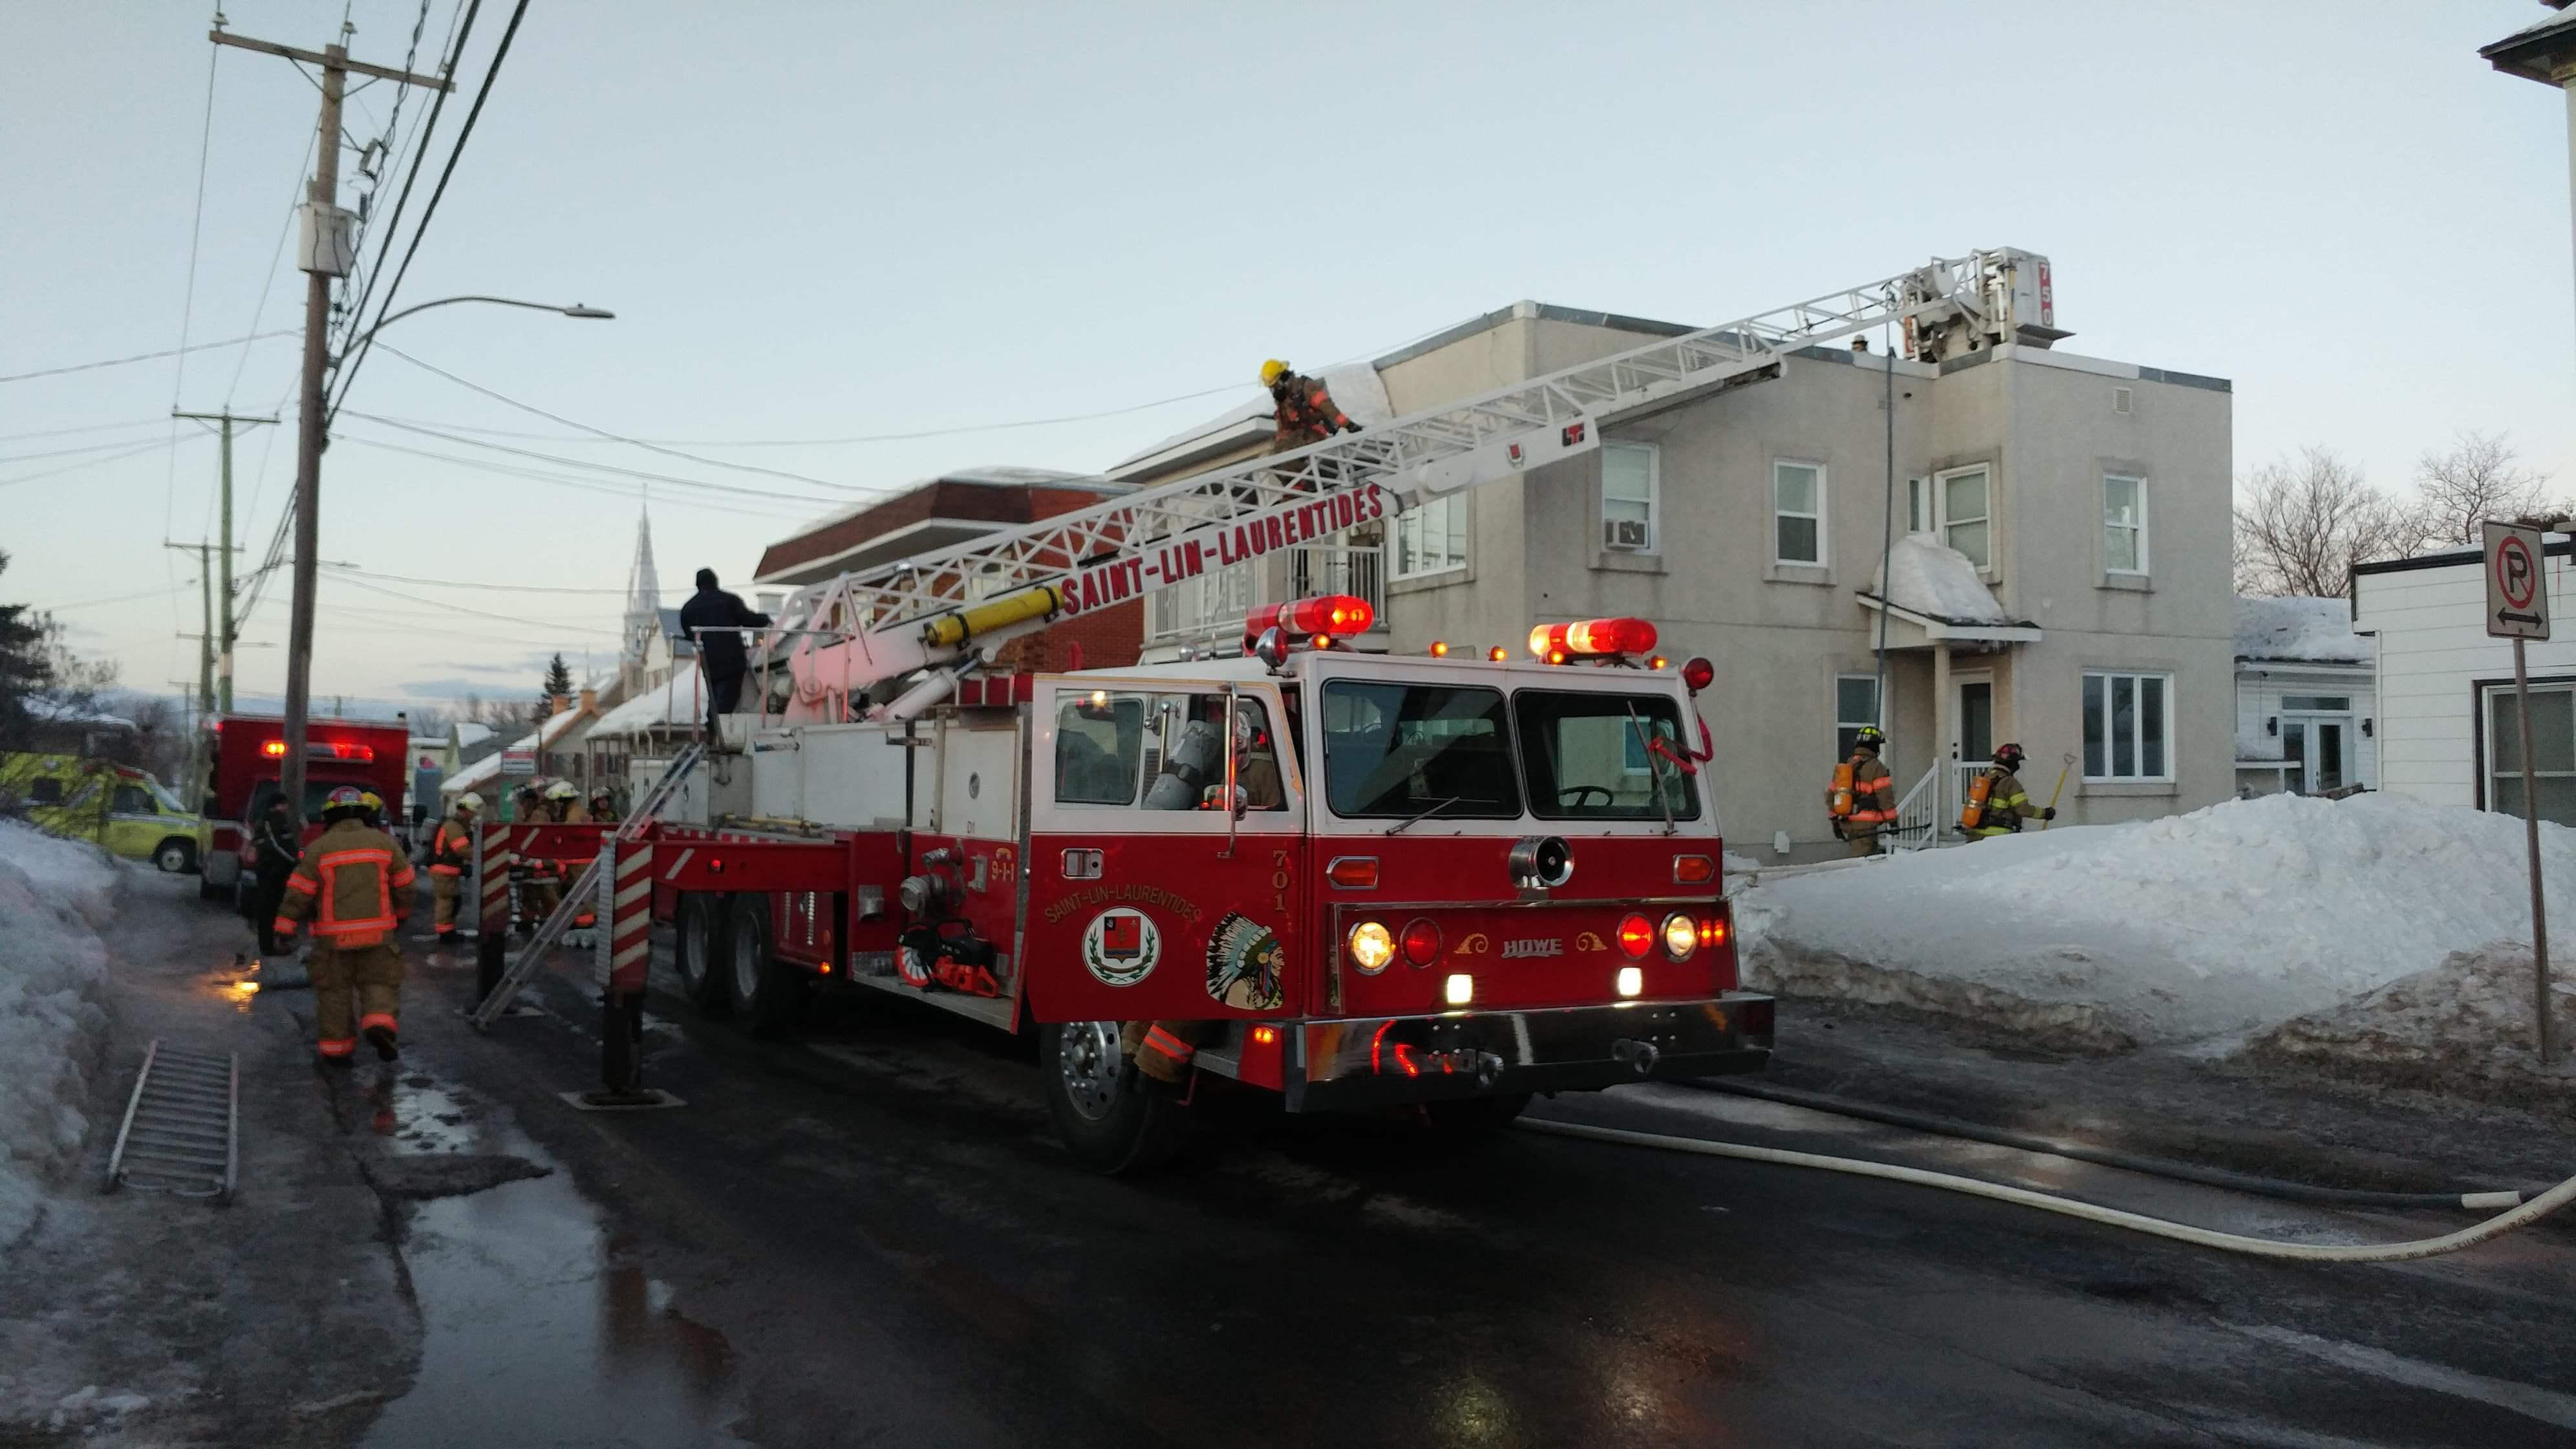 Incendie à Saint-Lin-Laurentides